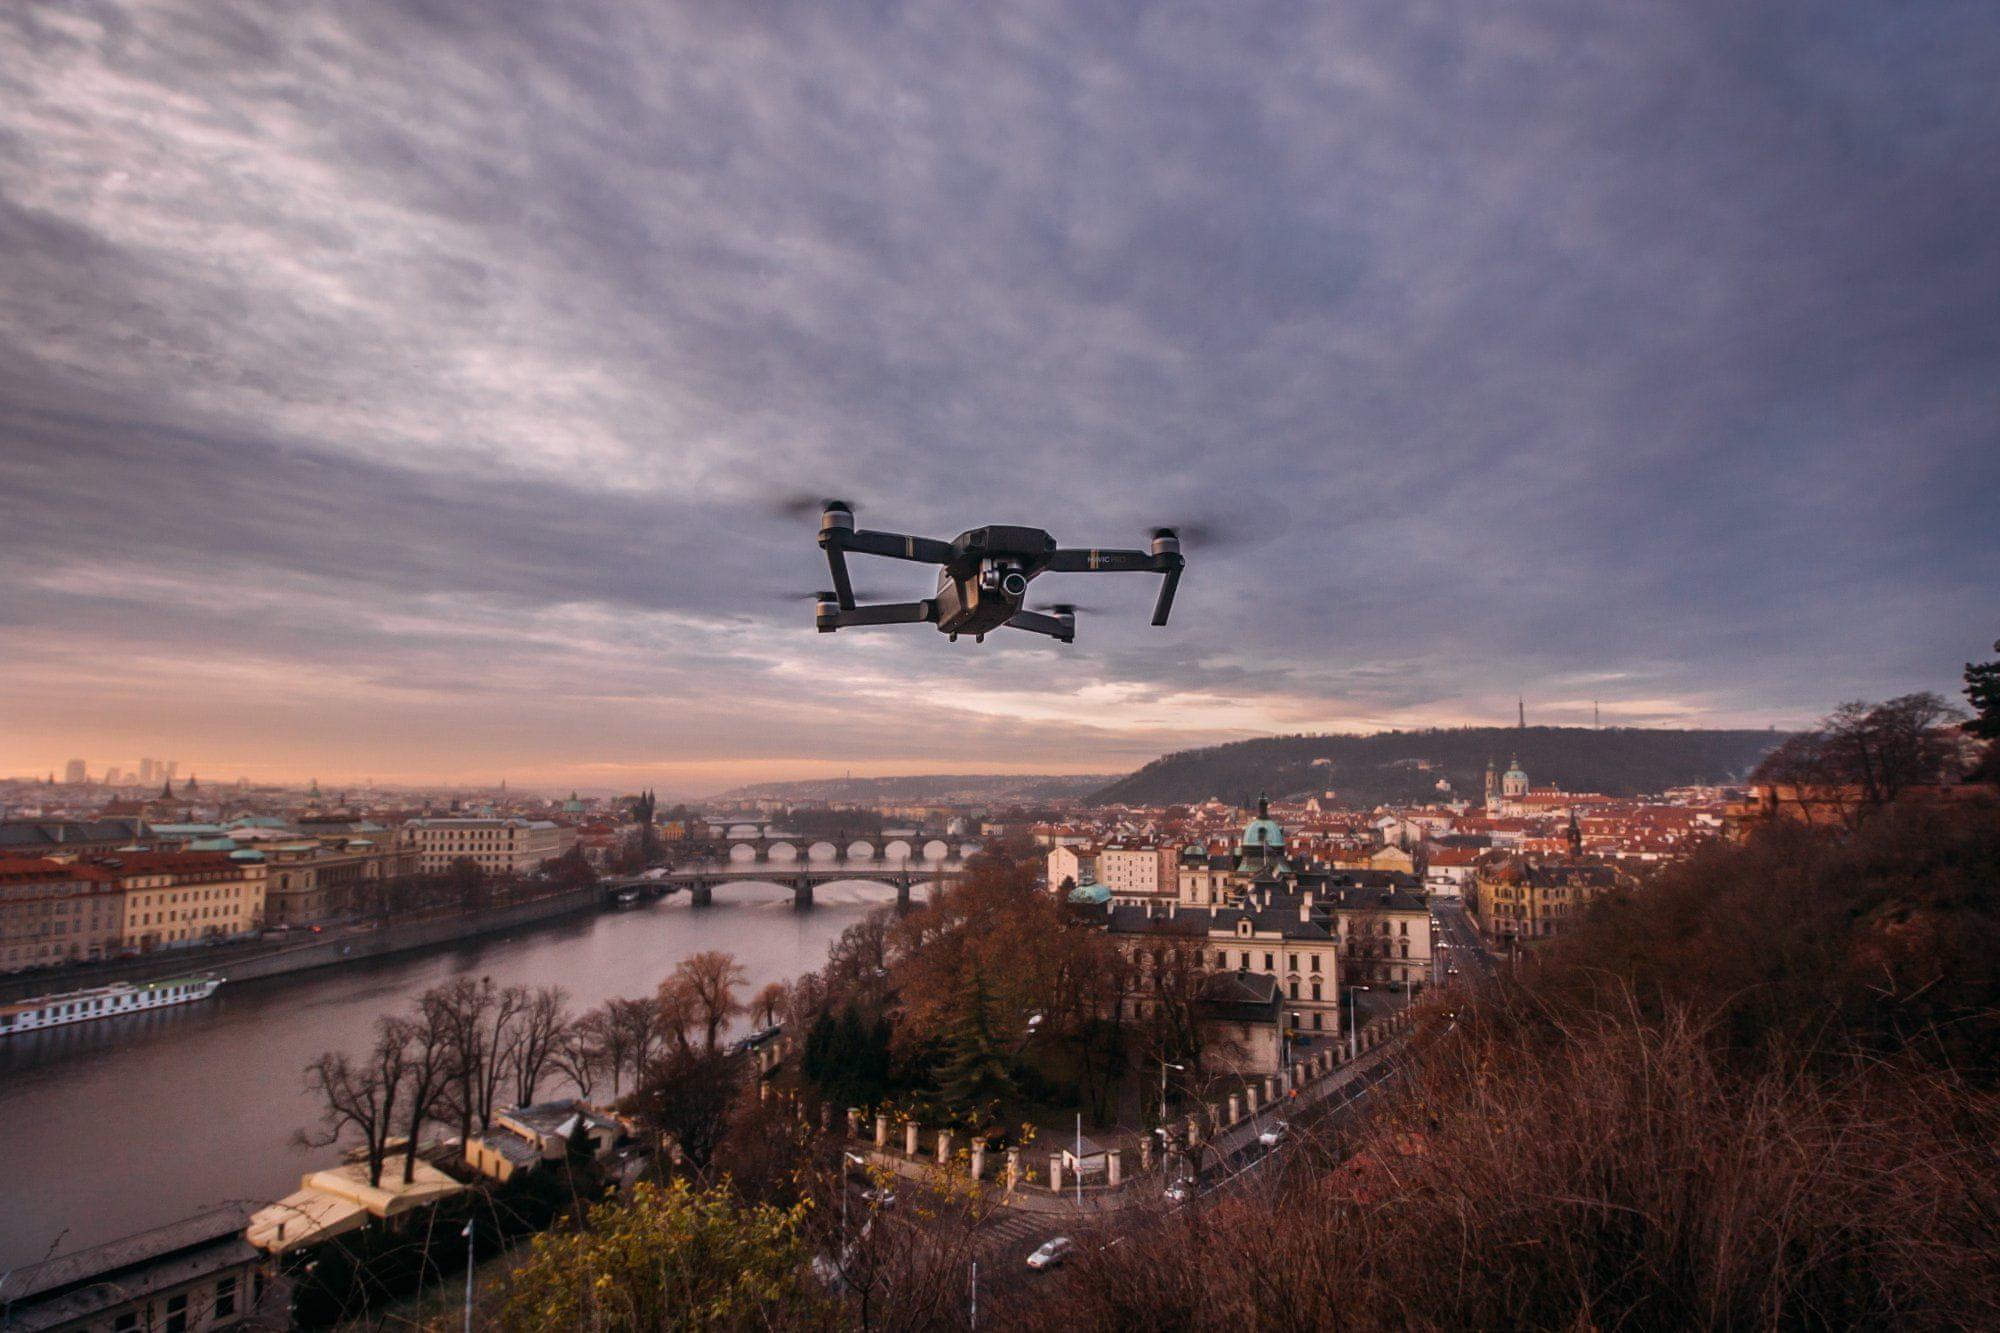 Drony a pravidla létání